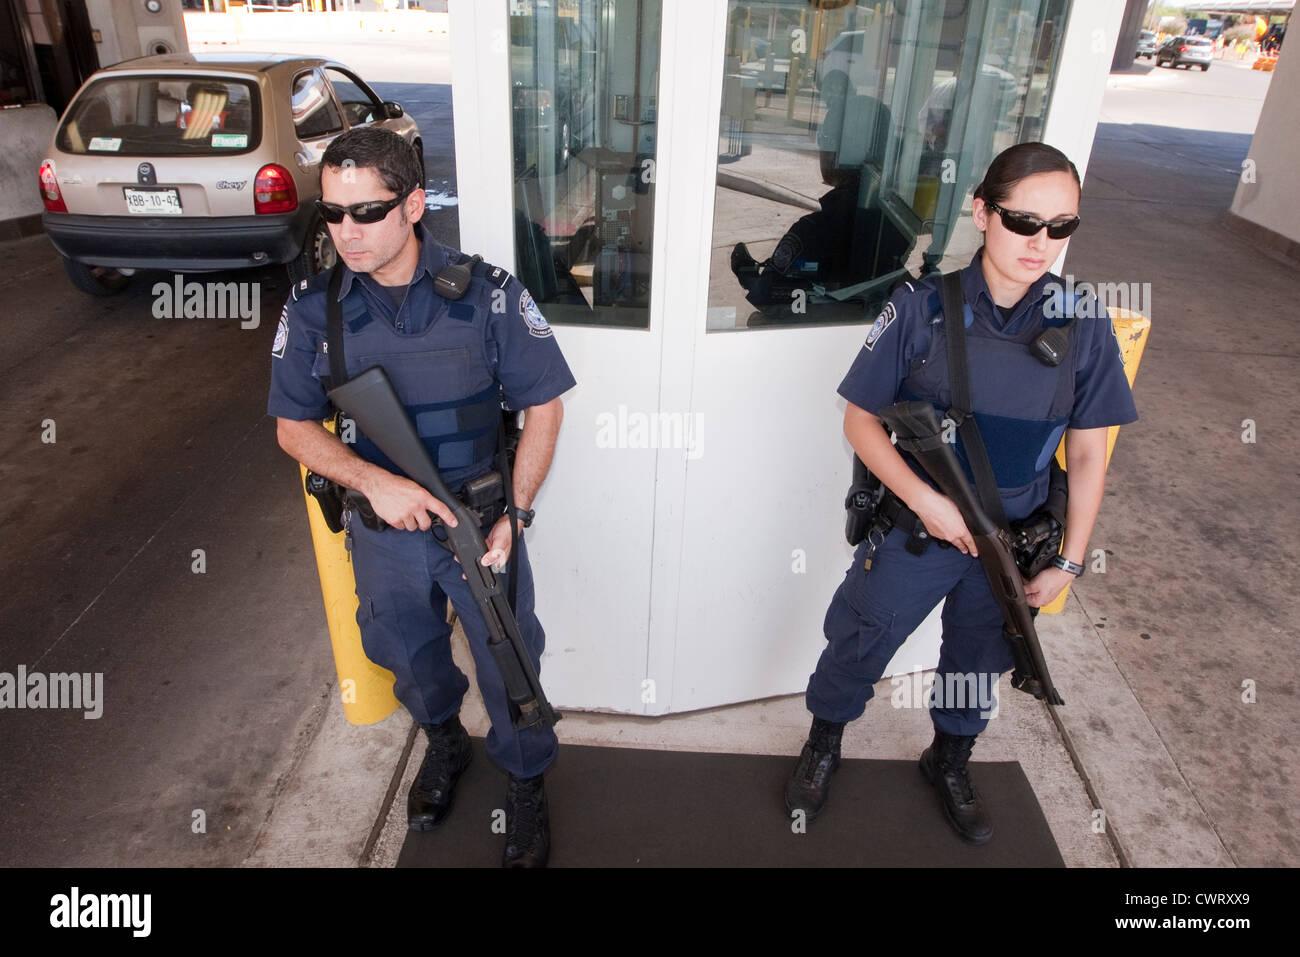 Wachen Sie männliche und weibliche Offiziere, mit Gewehren auf die internationale Brücke Laredo, Texas. Stockbild